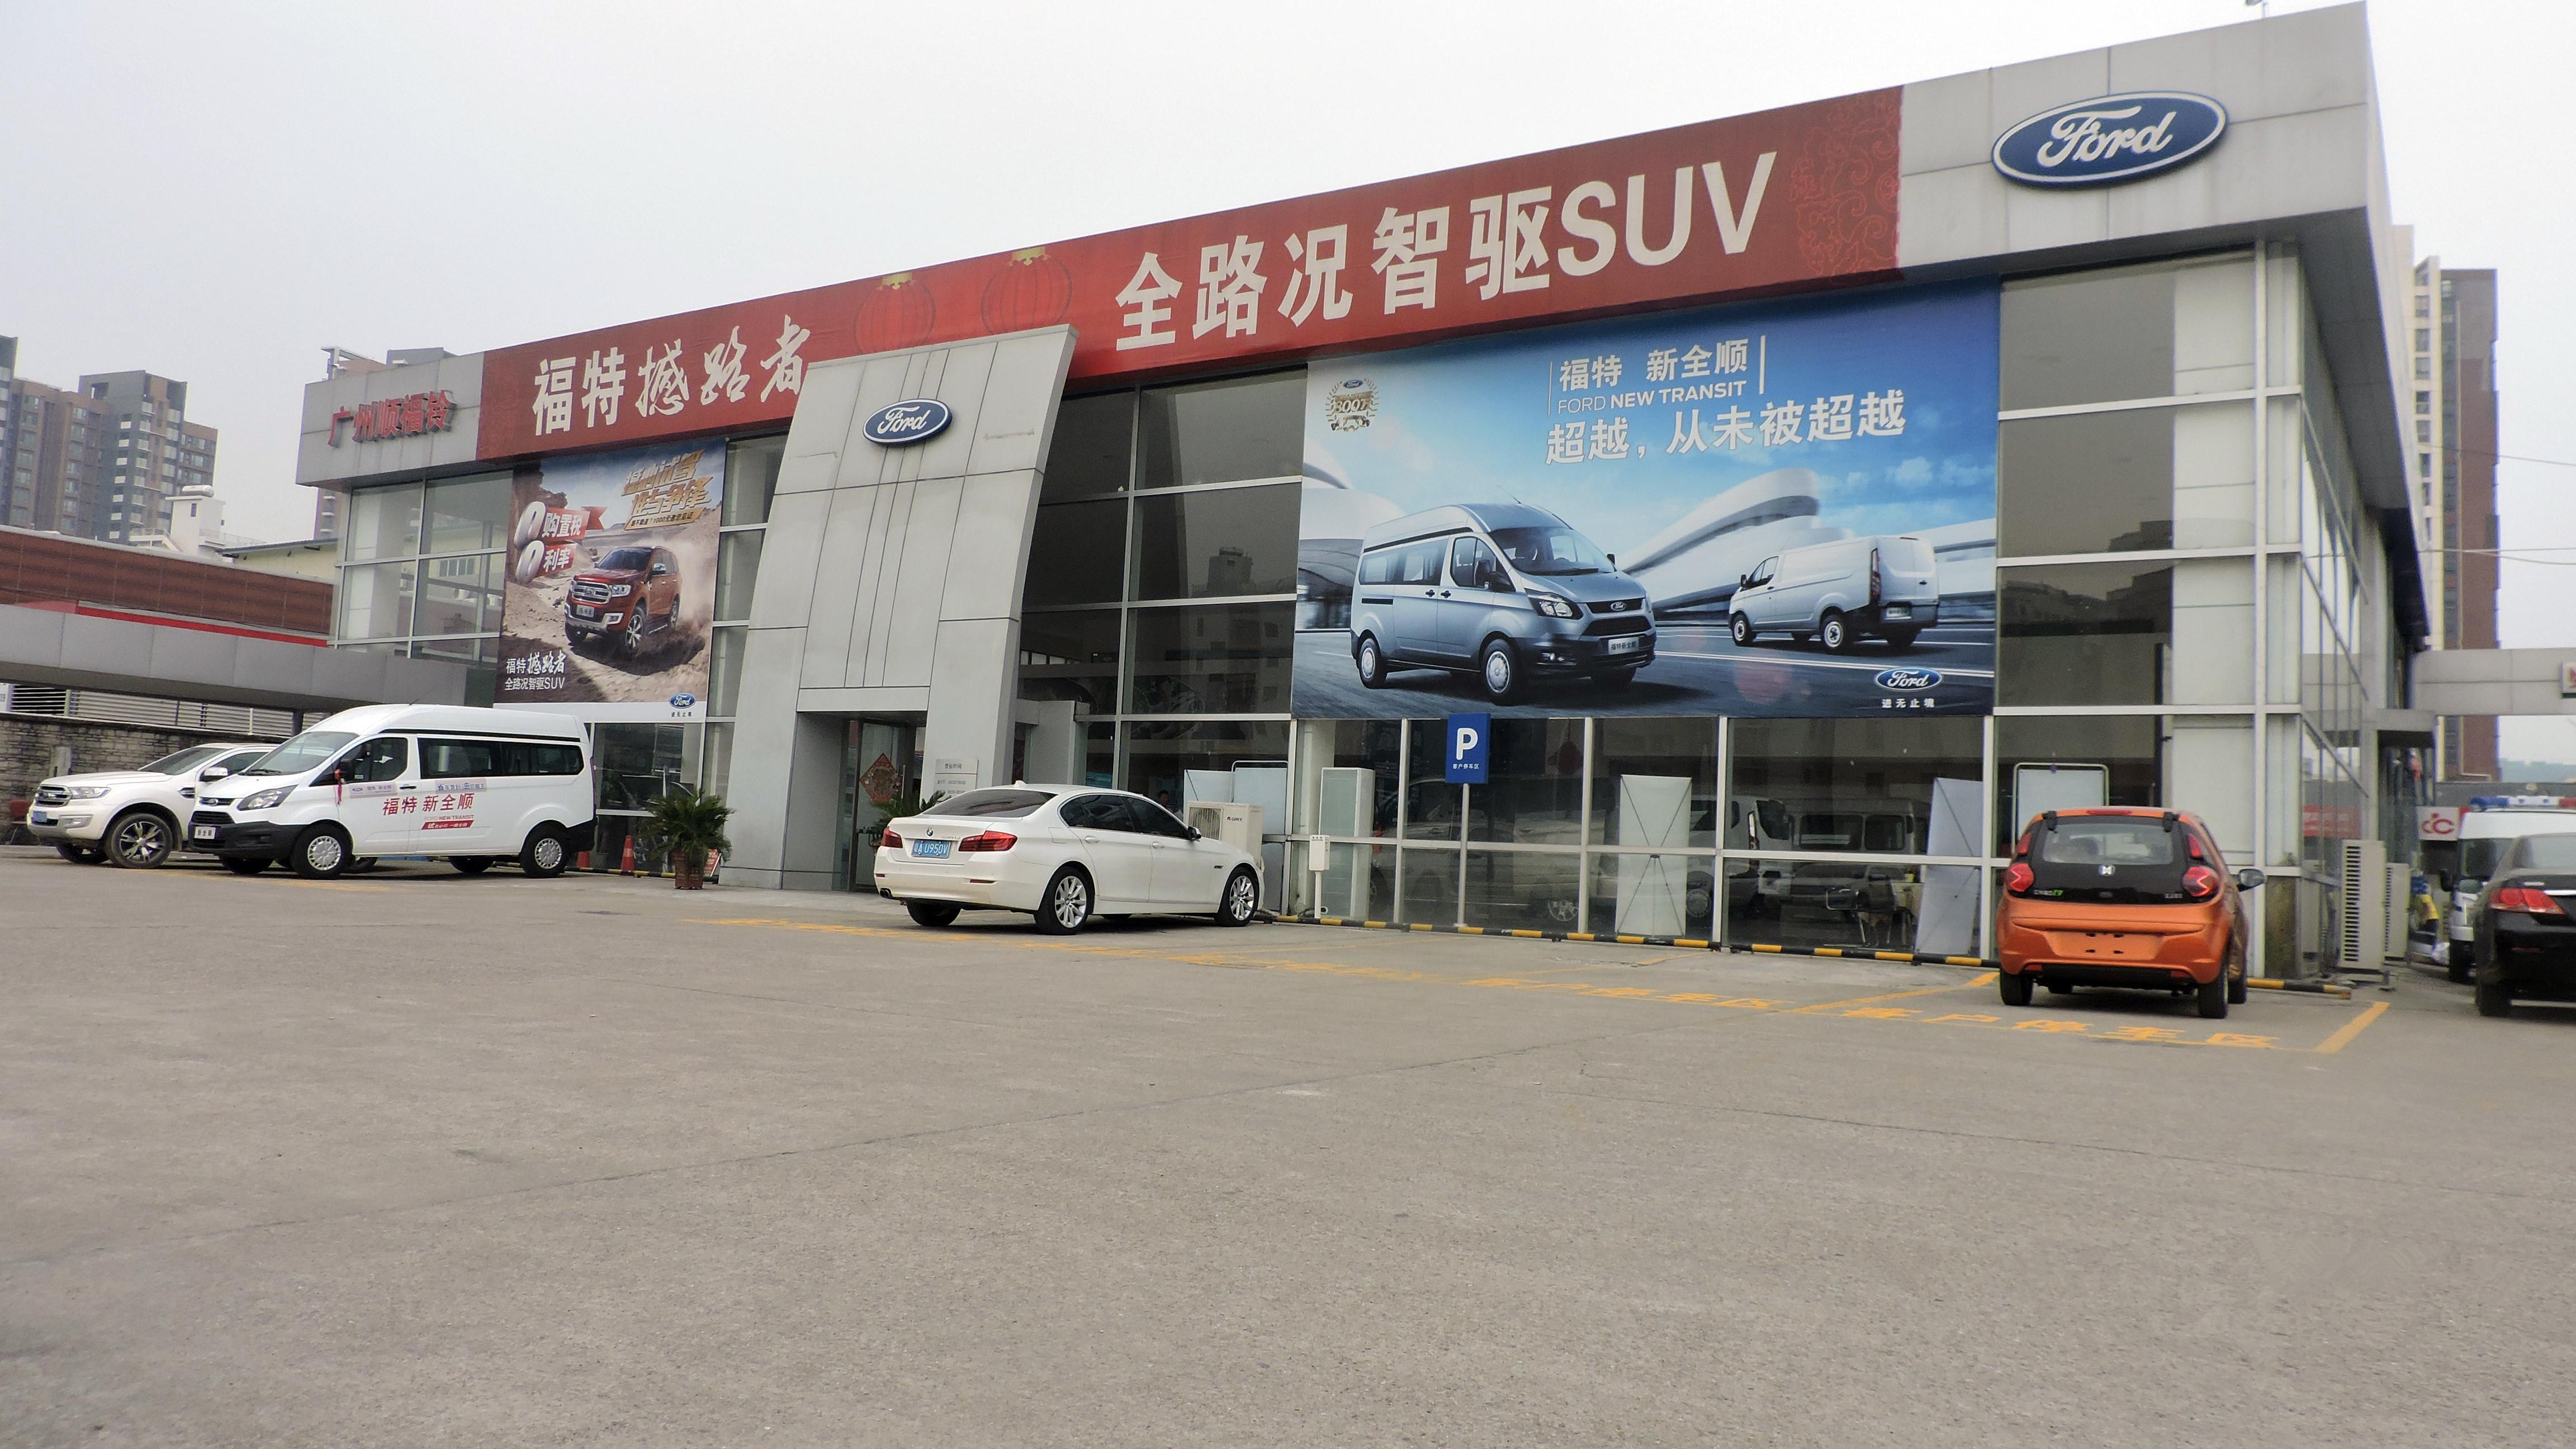 广州市顺福铃汽车有限公司